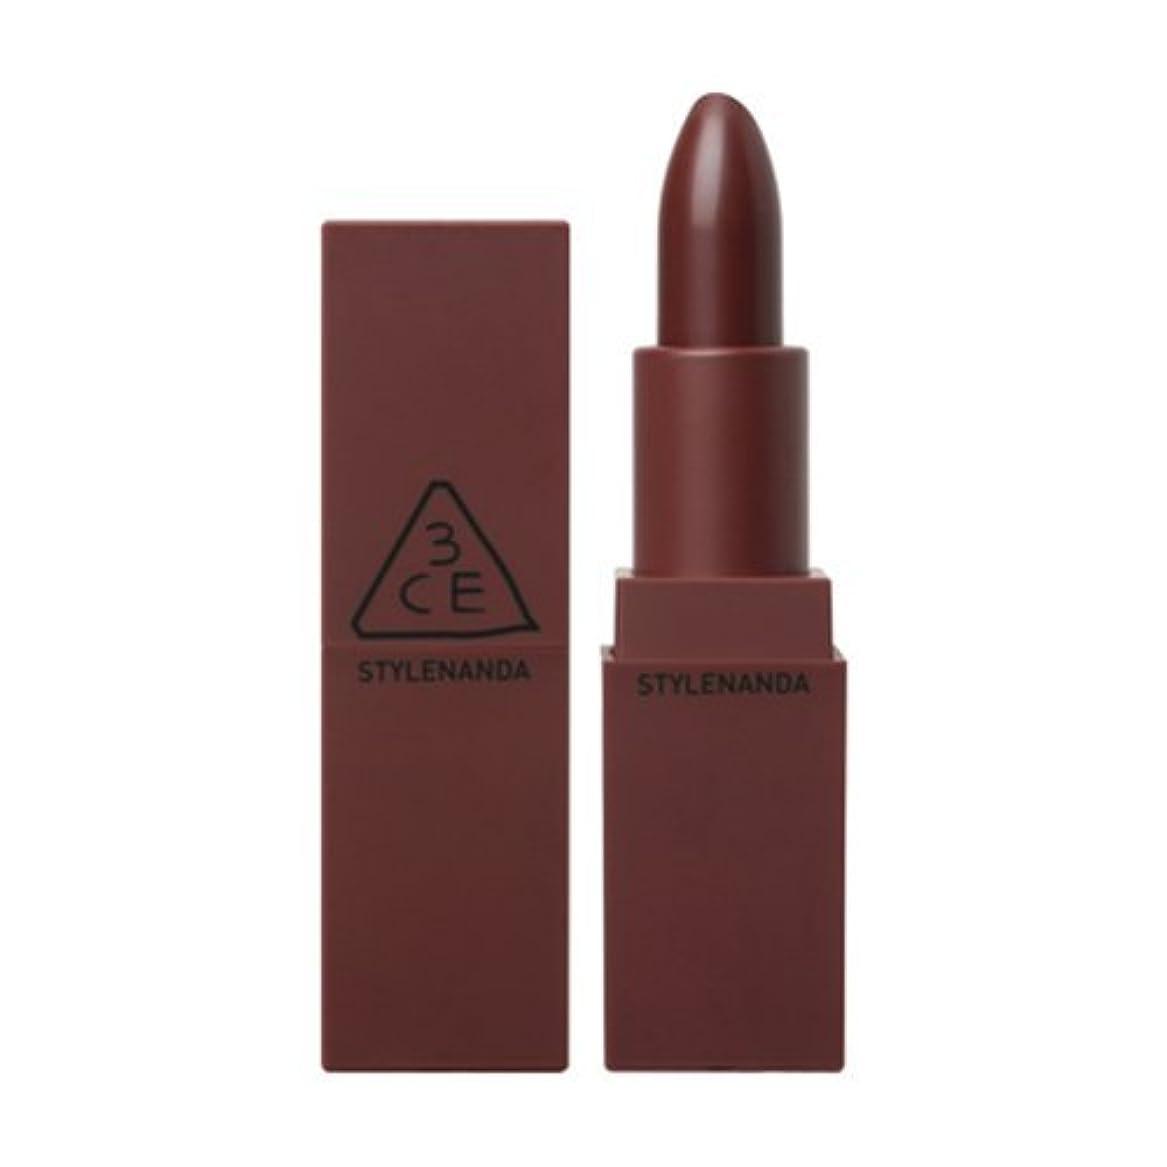 レオナルドダバレエ法的STYLE NANDA 3CE MOOD RECIPE マットリップ リップスティック カラー#117 Chicful 3.5g / STYLE NANDA 3CE MOOD RECIPE MATTE LIP Lipstick COLOR #117 Chicful 3.5g